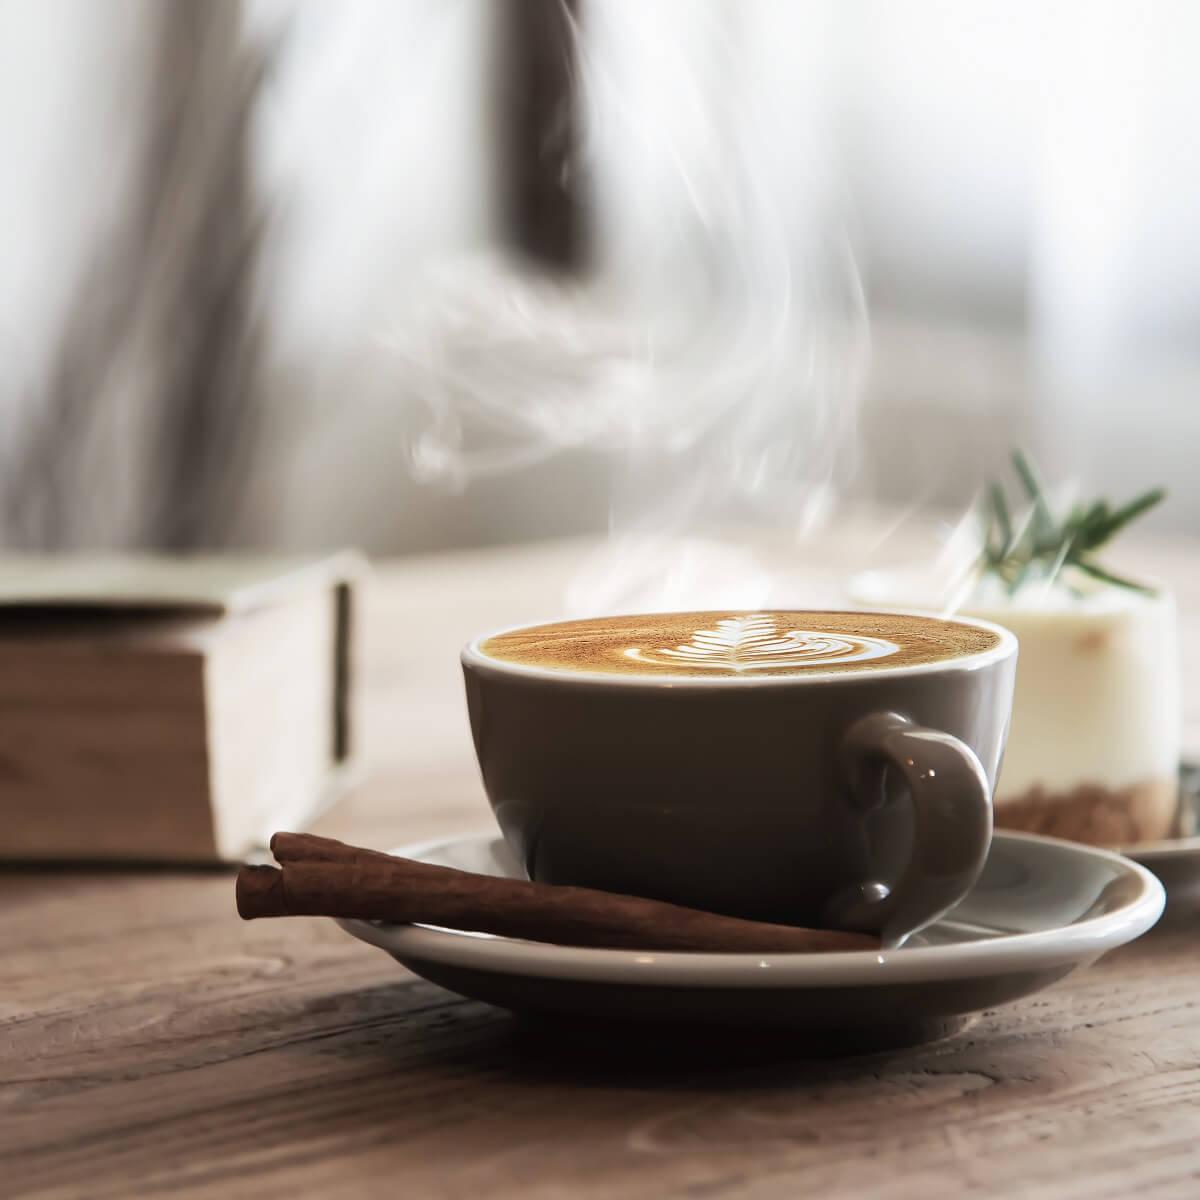 ホットコーヒーの写真。